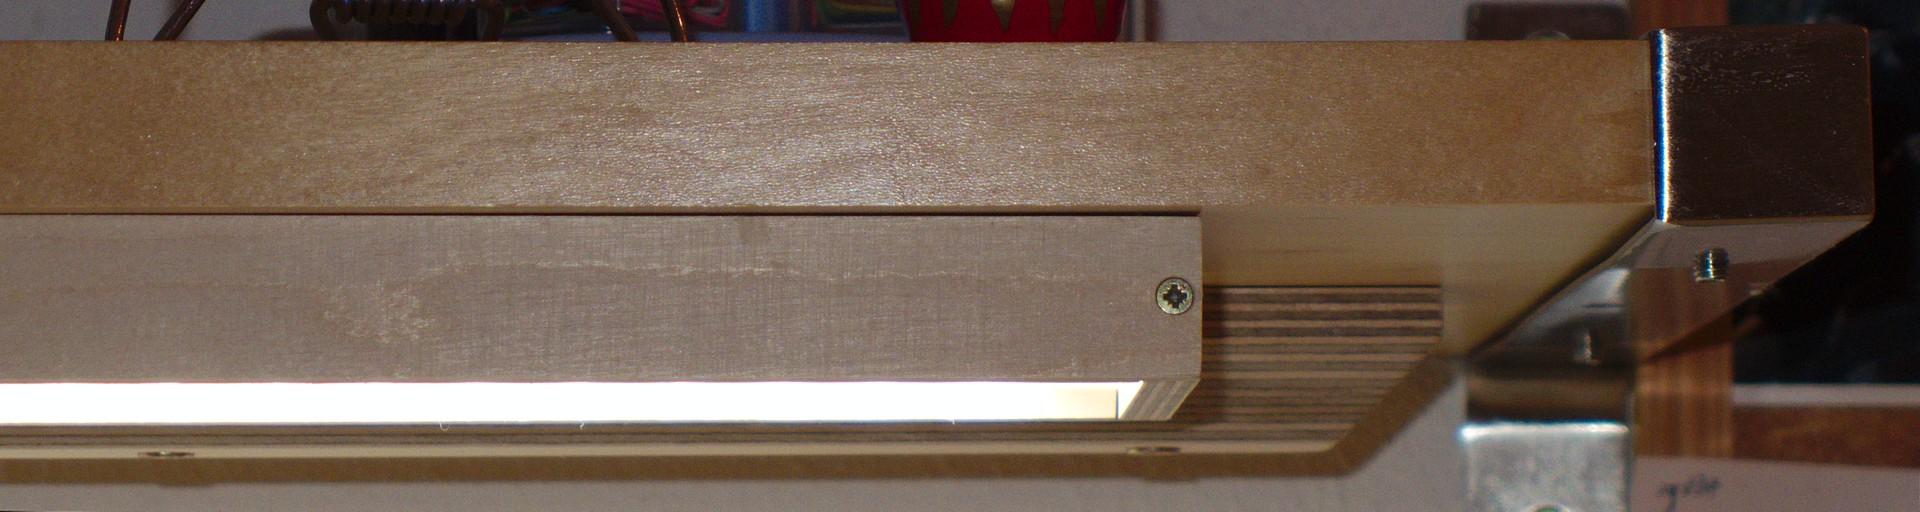 Full Size of Led Flchenlampe Aus Holz Und Plexiglas Hobby Holzwrmer Schlafzimmer Massivholz Einbaustrahler Bad Einbauleuchten Holzhäuser Garten Sofa Mit Holzfüßen Wohnzimmer Holz Led Lampe Selber Bauen